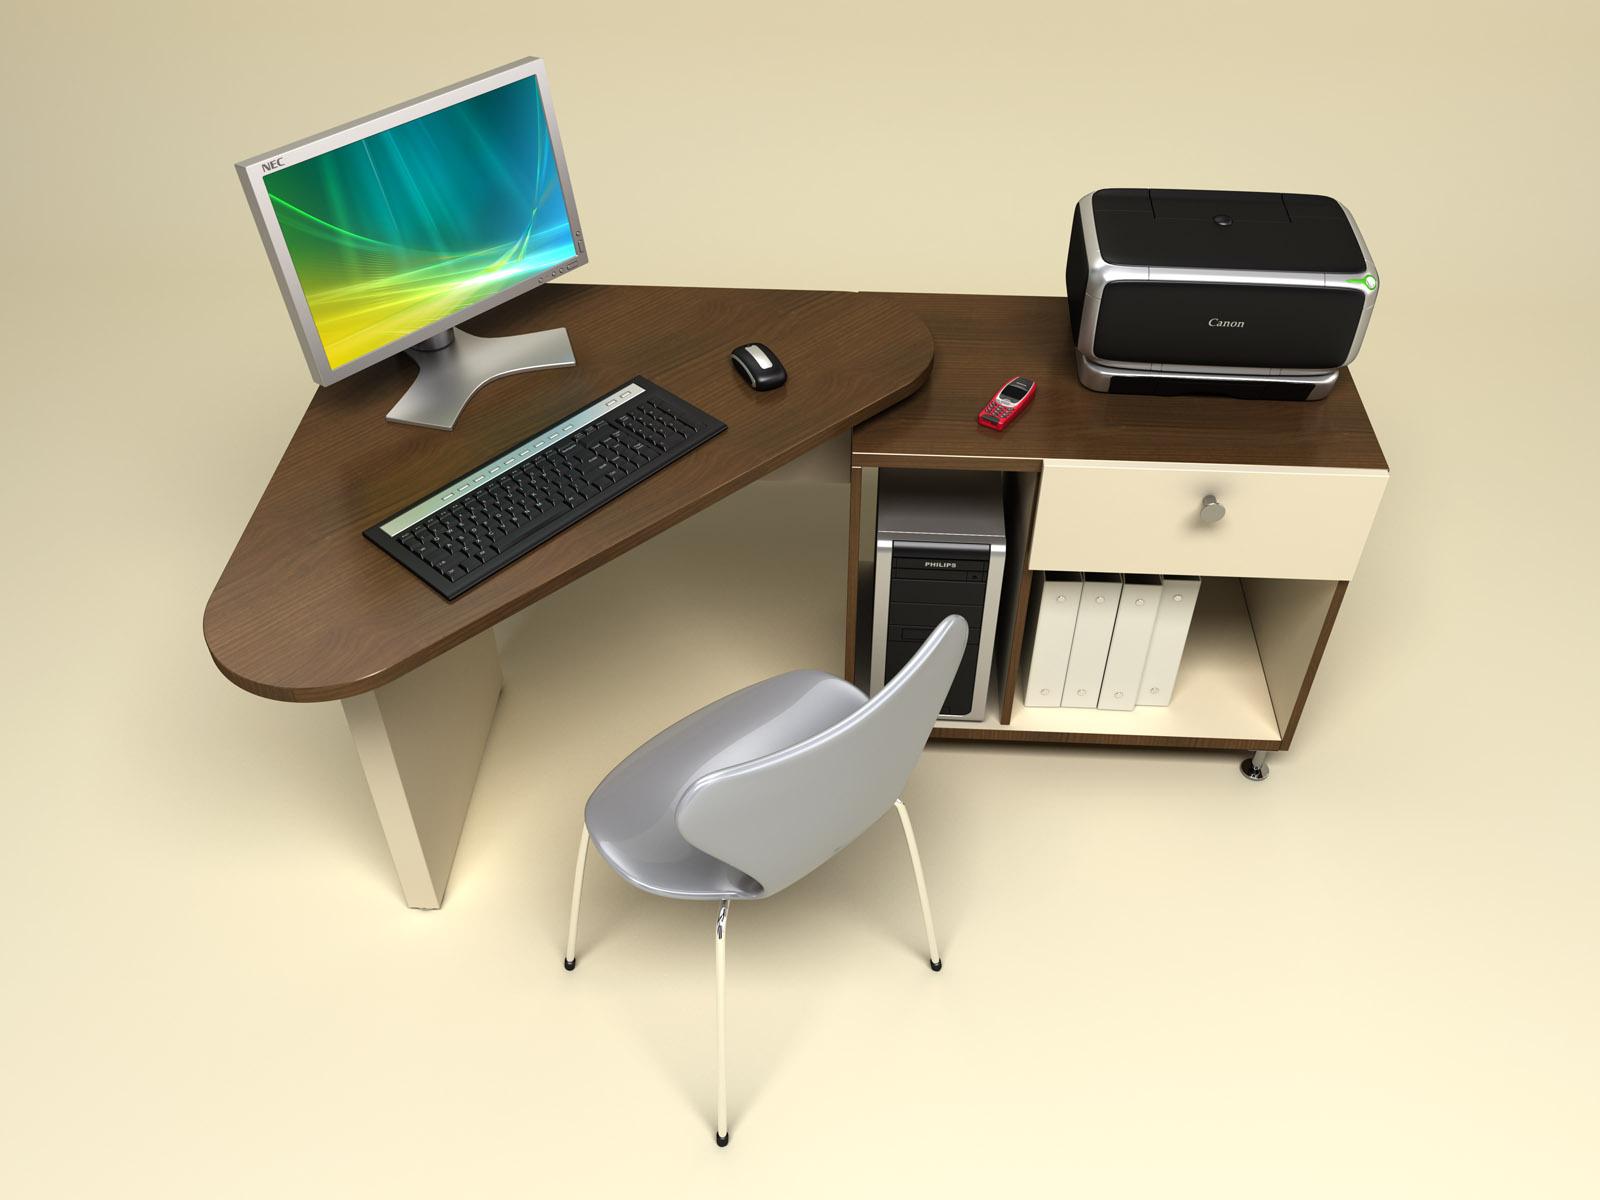 SOHO Office Furniture - Desk